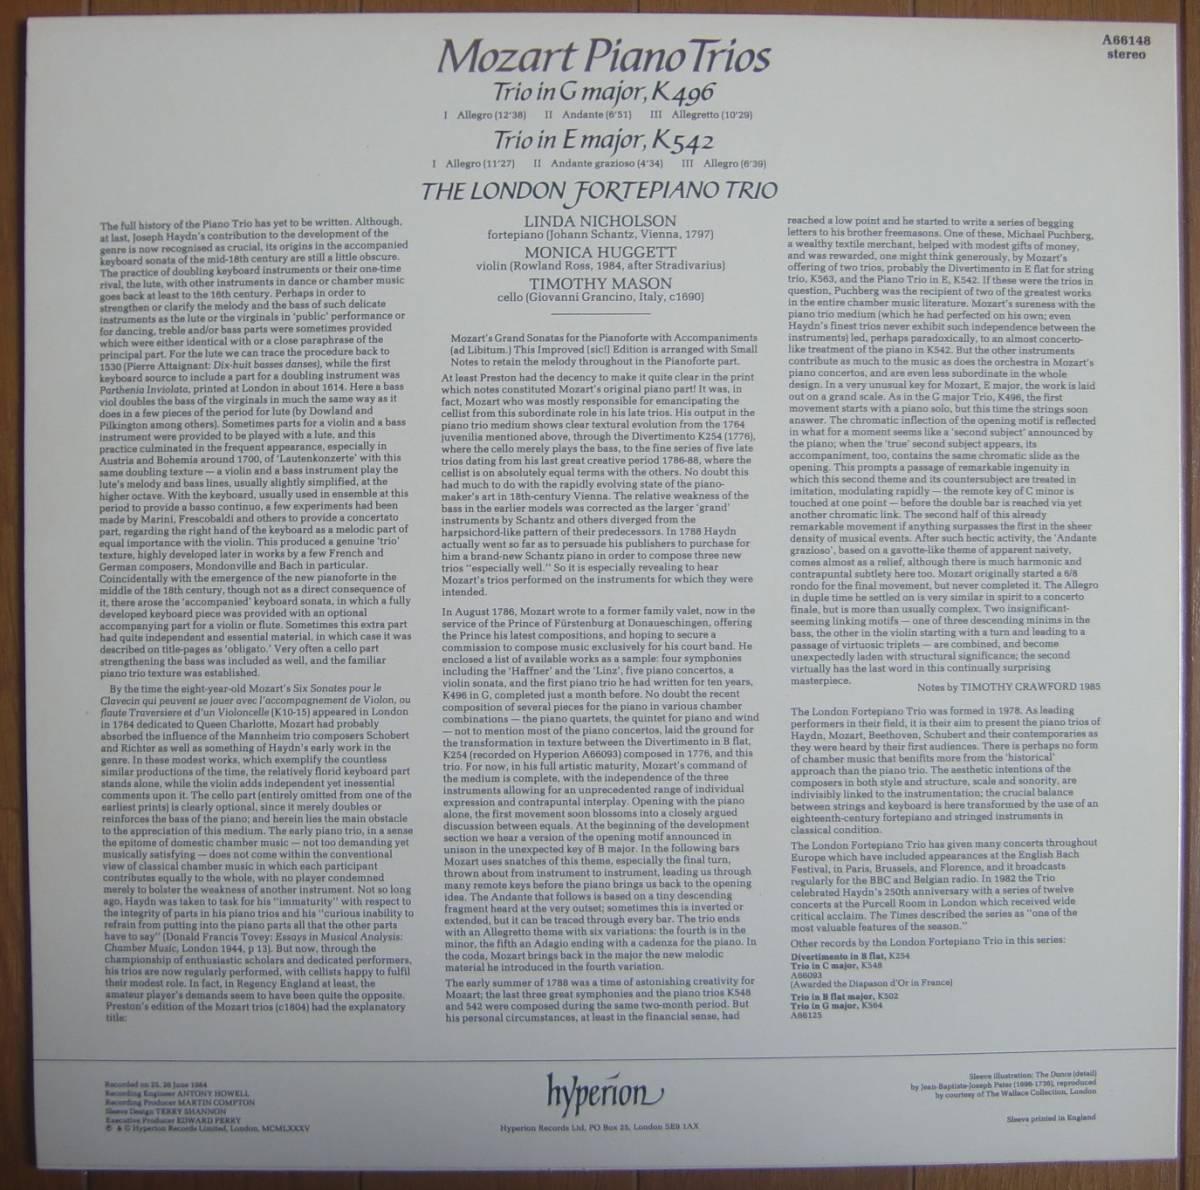 長岡鉄男 外盤ジャーナル モーツァルト:ピアノ三重奏曲_画像2